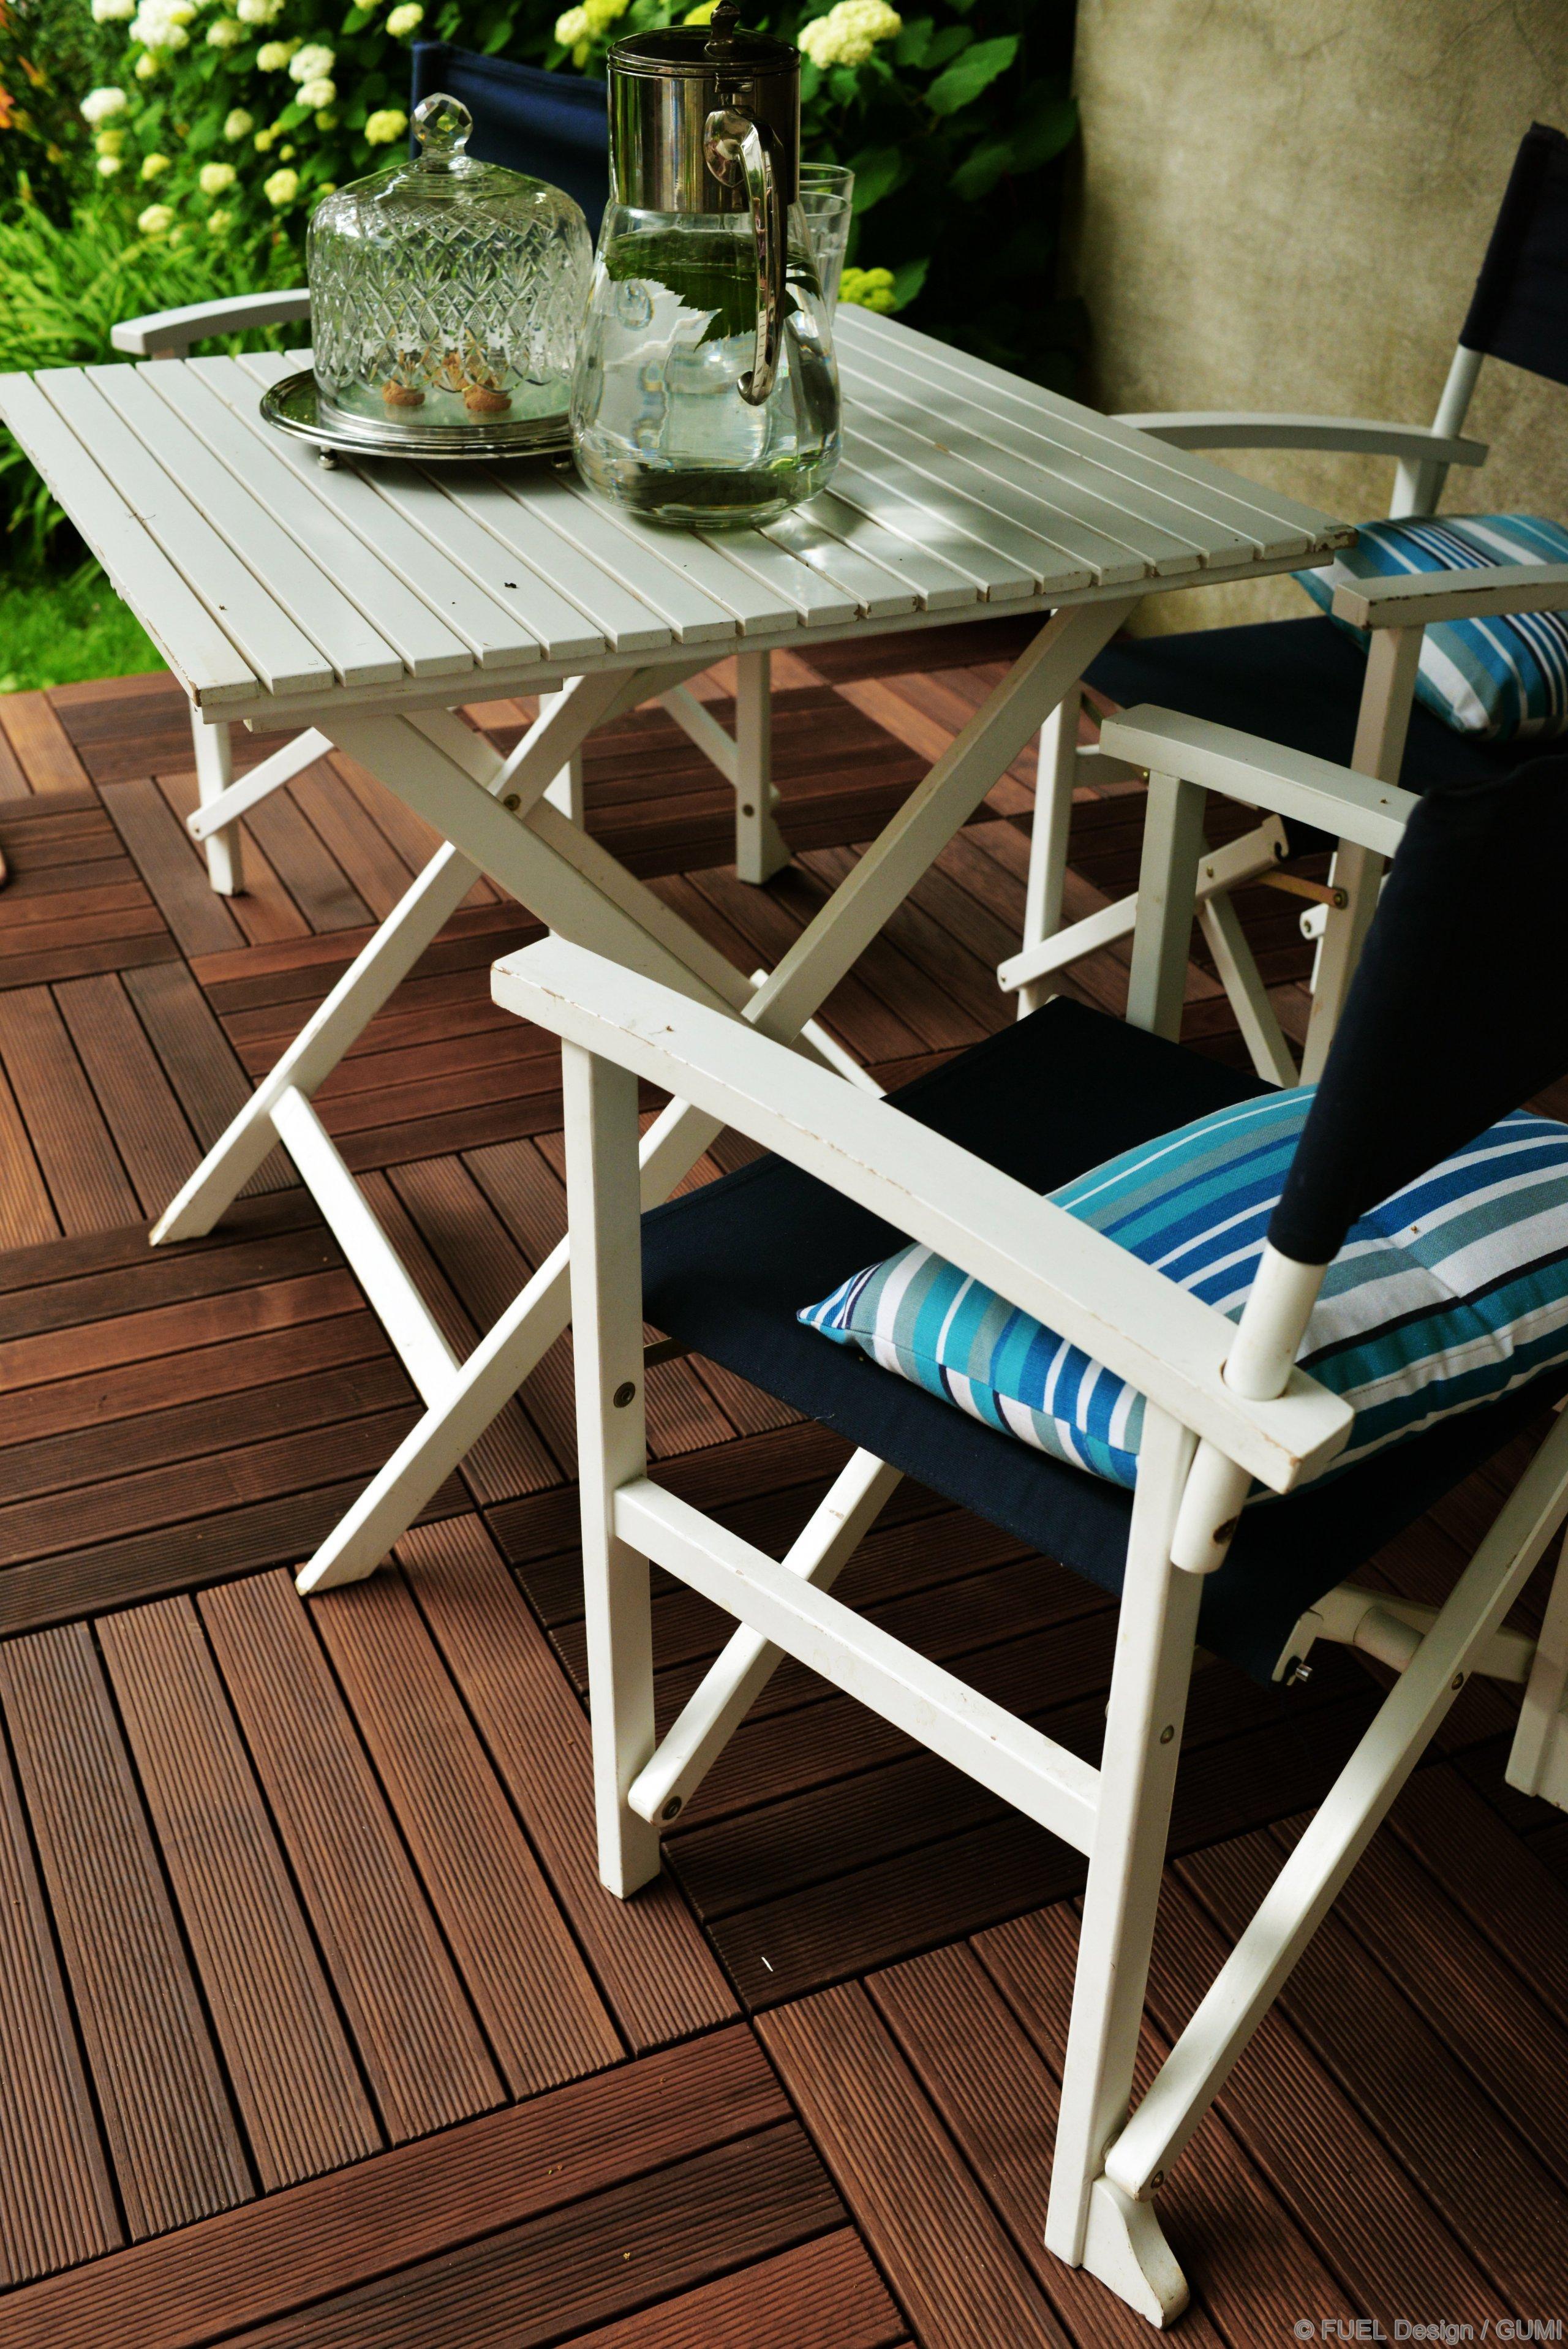 Dřevena terasa ztermojasene změňirychle a snadno vzhled vaší podlahy. S GUMI vytvoříte útulnou dřevěnou terasu ve vaší zahradě.